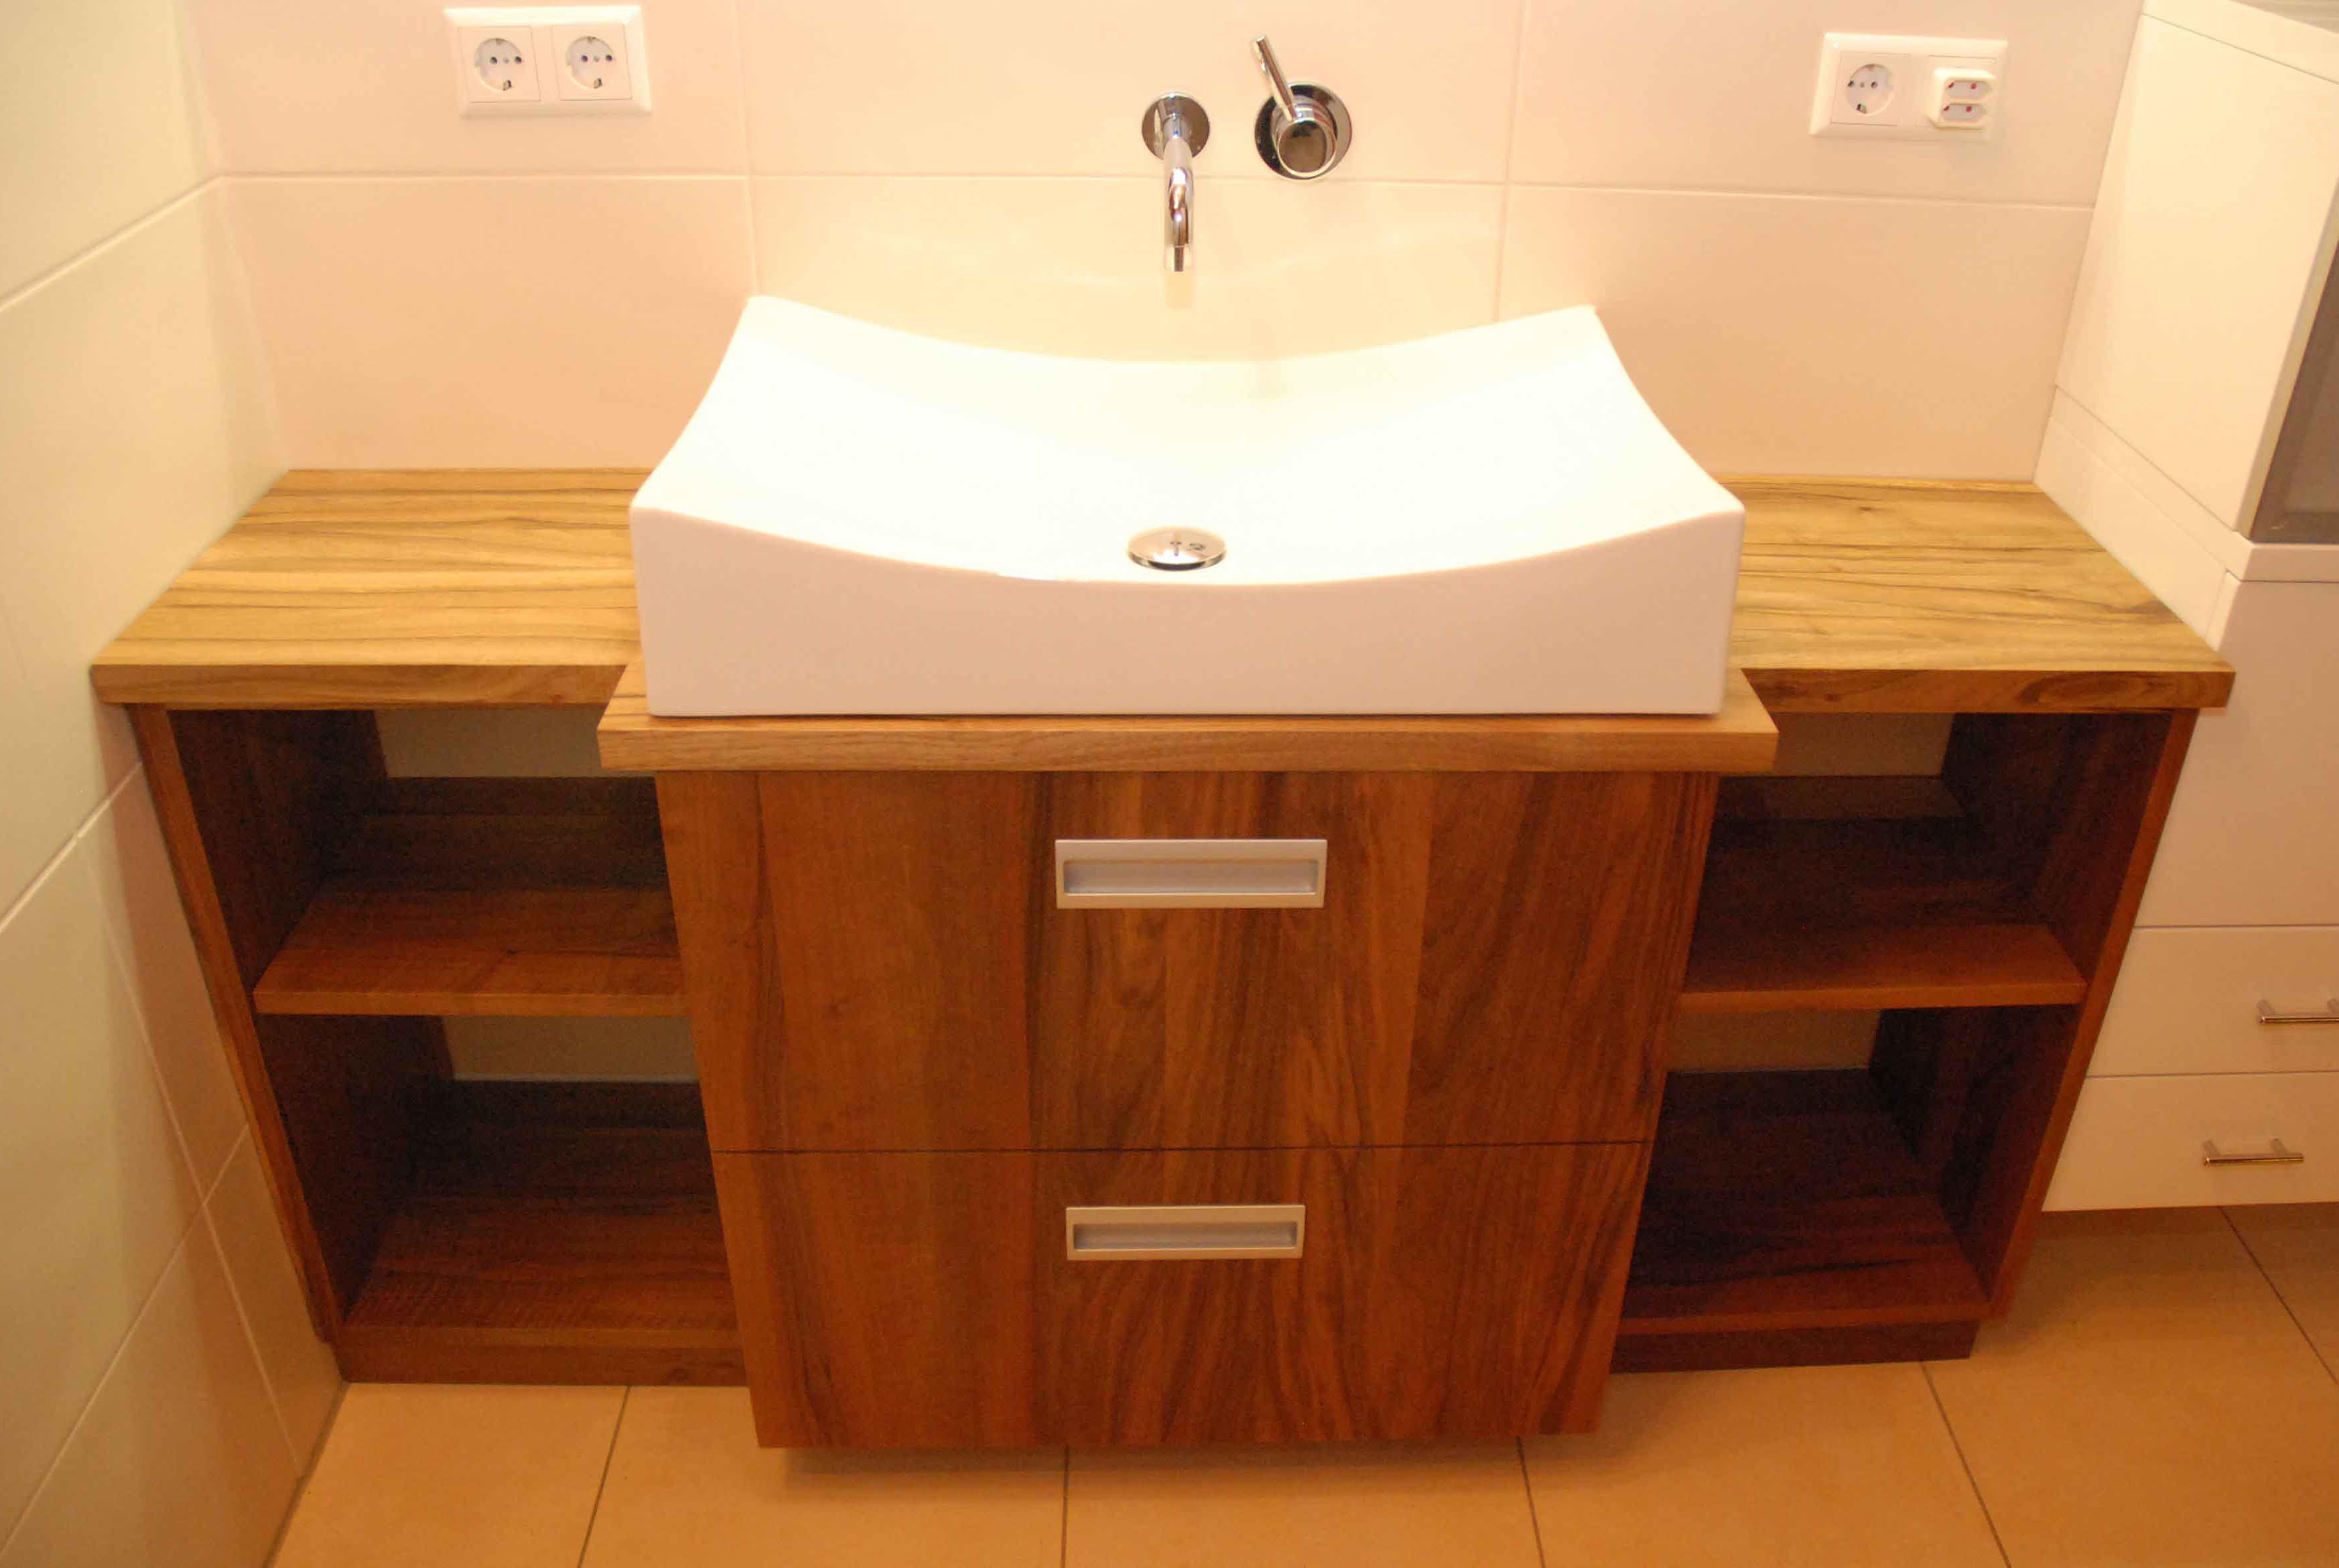 Badmöbel, Waschtisch, Spiegelschrank: Für jedes Bad nach Maß